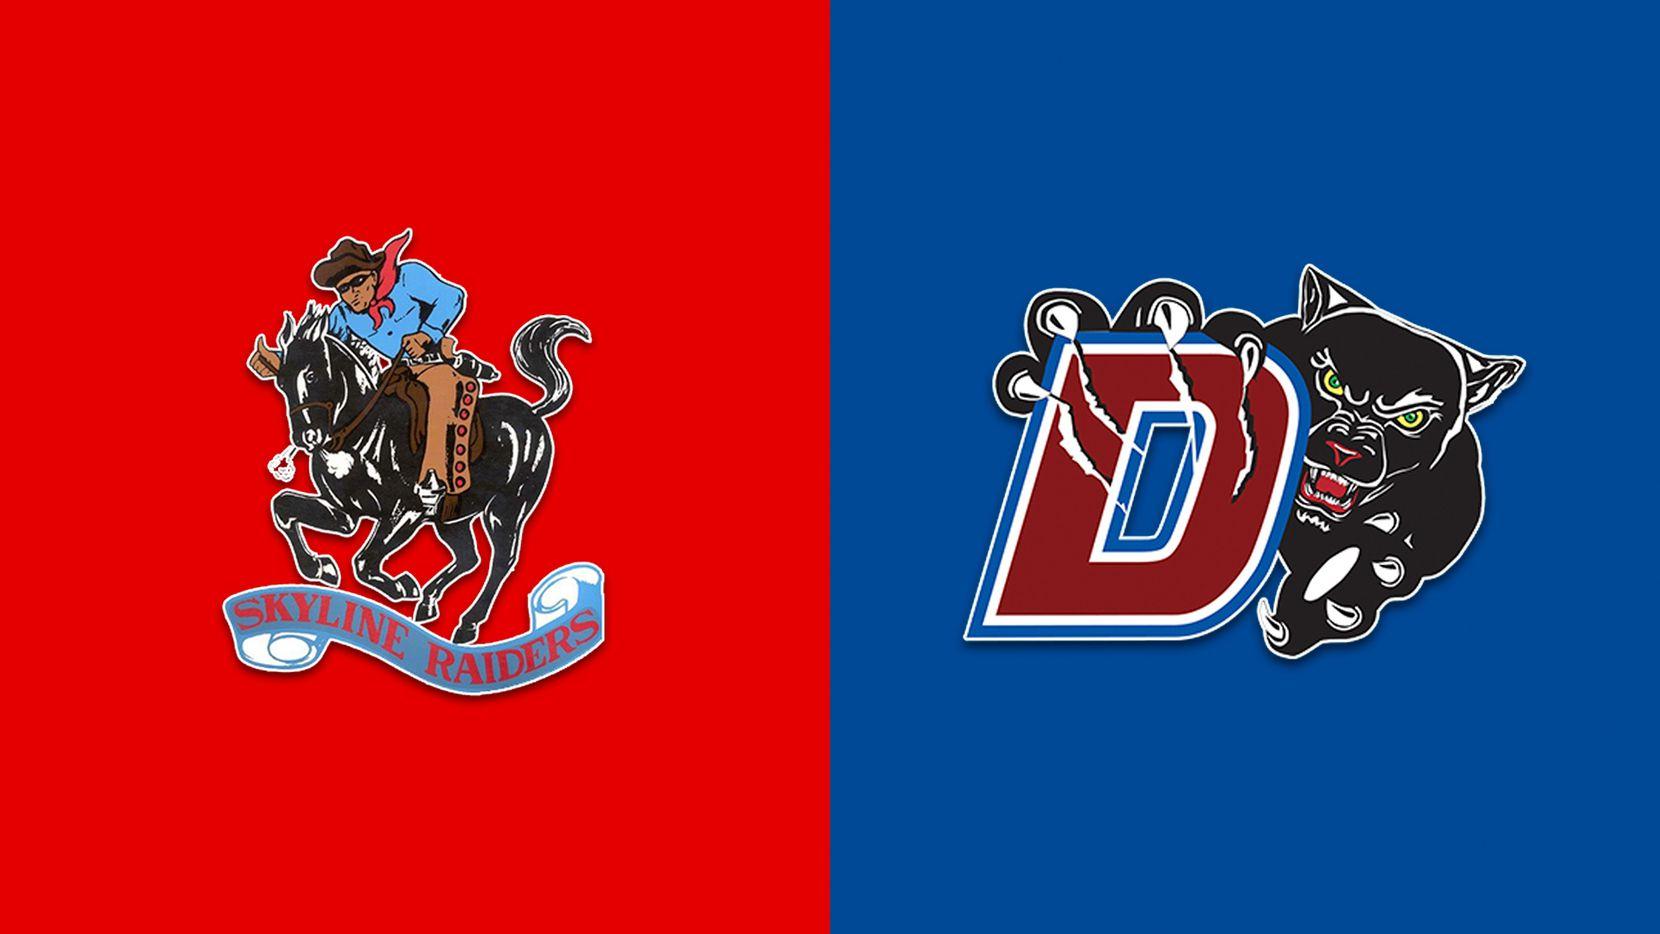 Skyline vs. Duncanville.